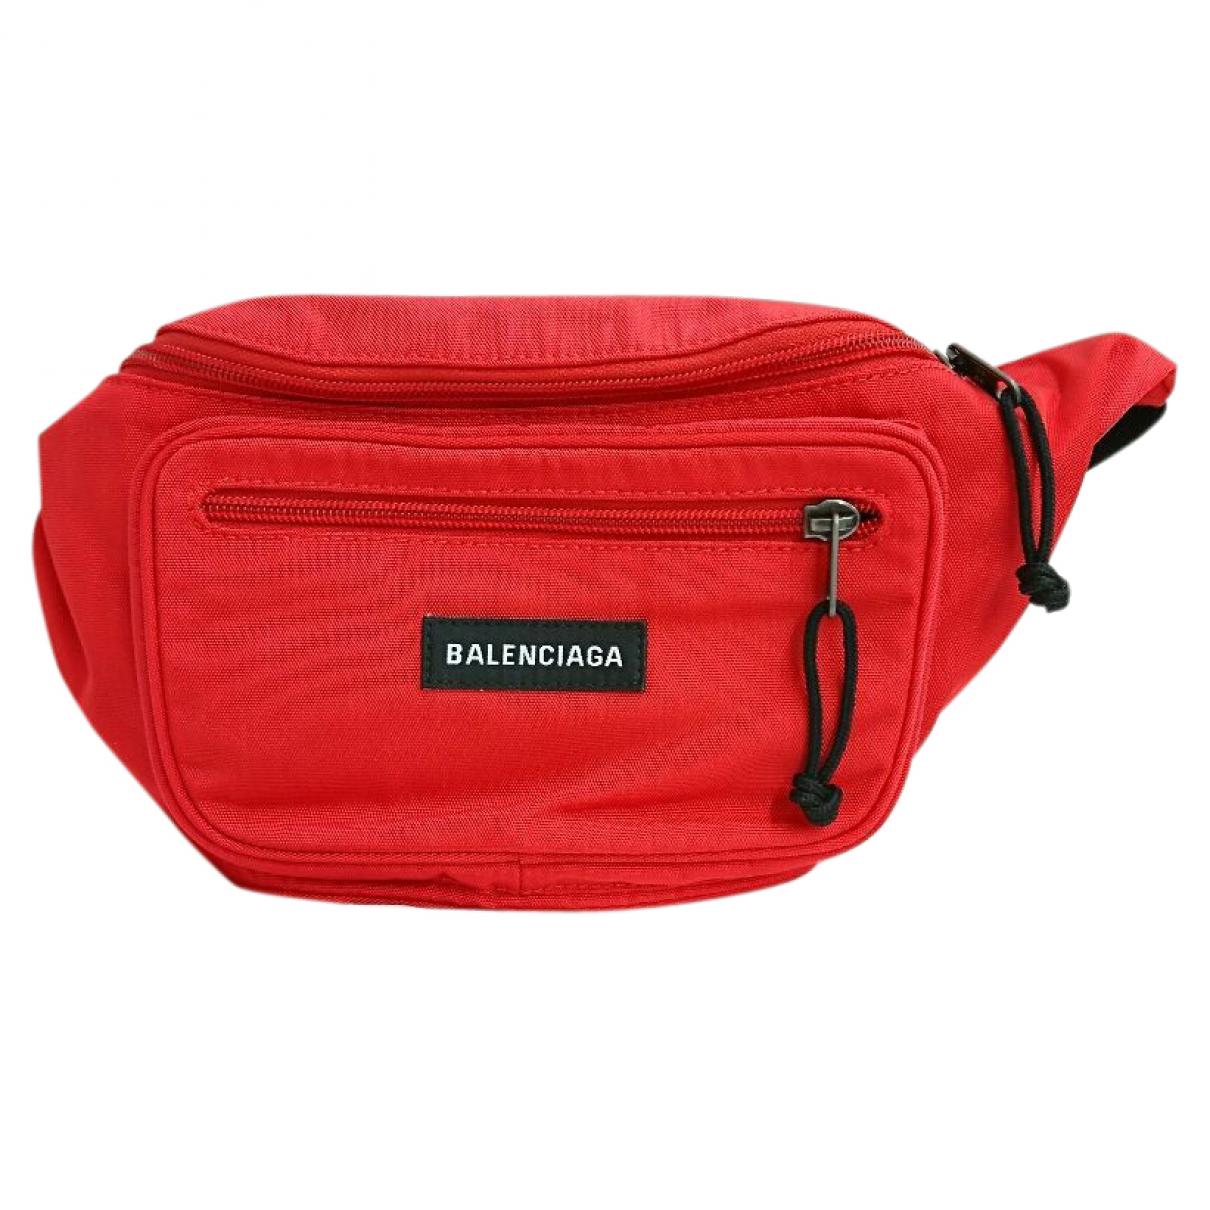 Balenciaga - Pochette   pour femme en toile - rouge